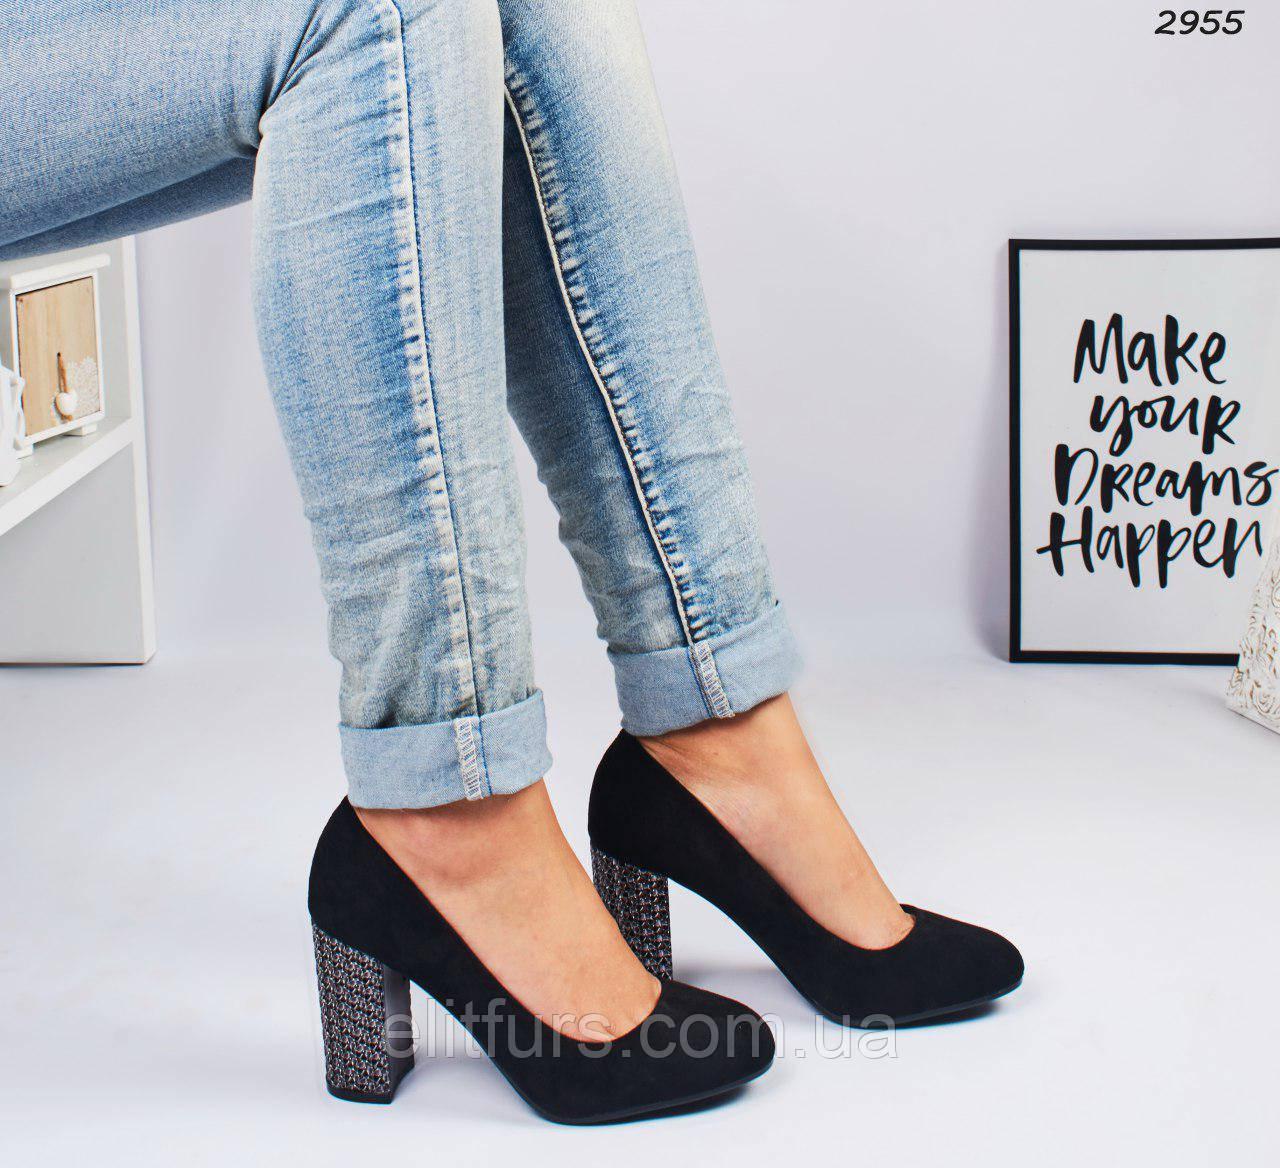 Туфли стильные на каблуках, эко-замш